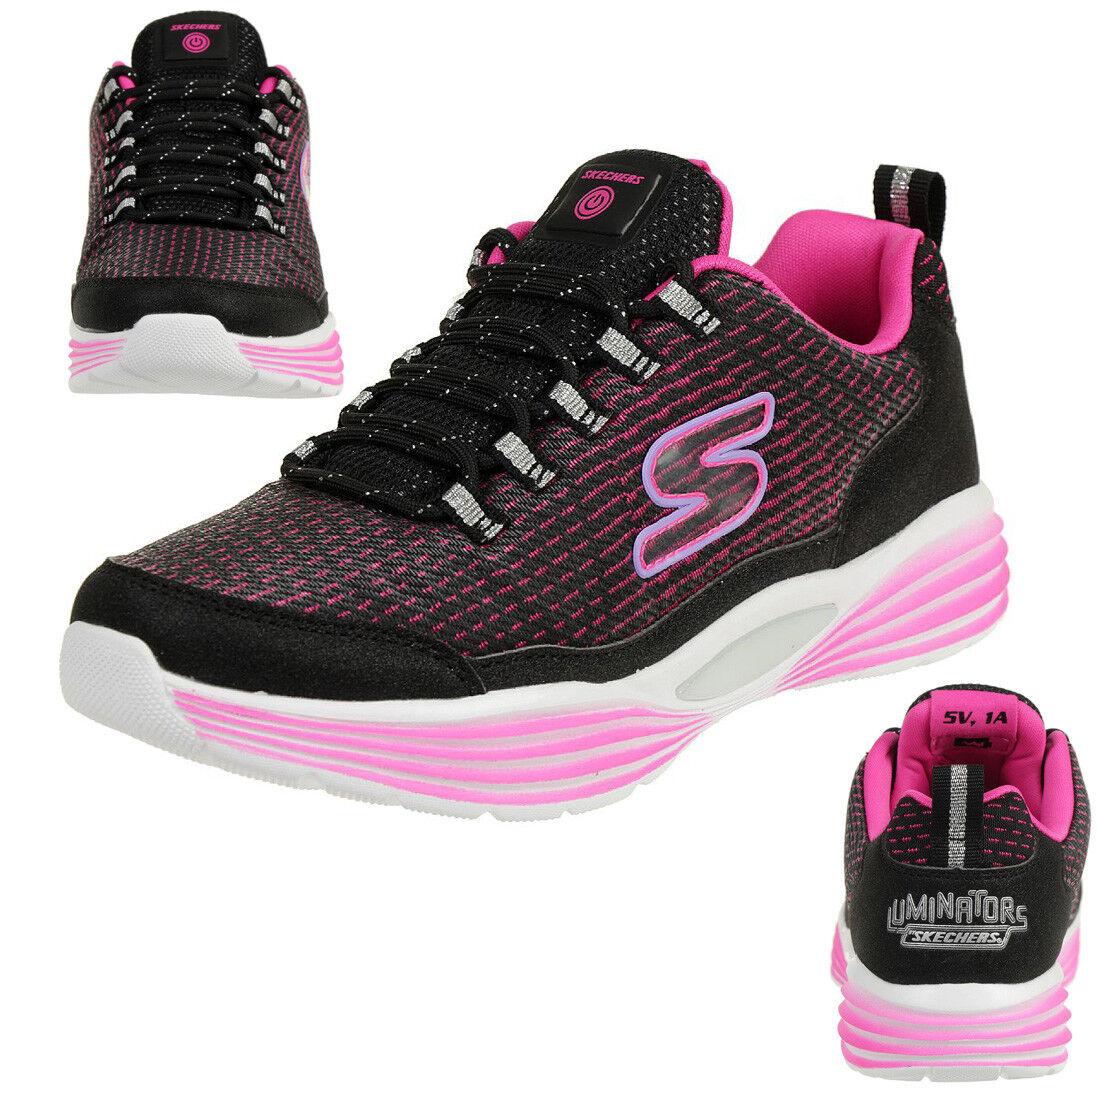 Skechers S Lights Luminators Luxe Zapatilla de Niña Blink Blink Blink Zapatos Led  marca en liquidación de venta